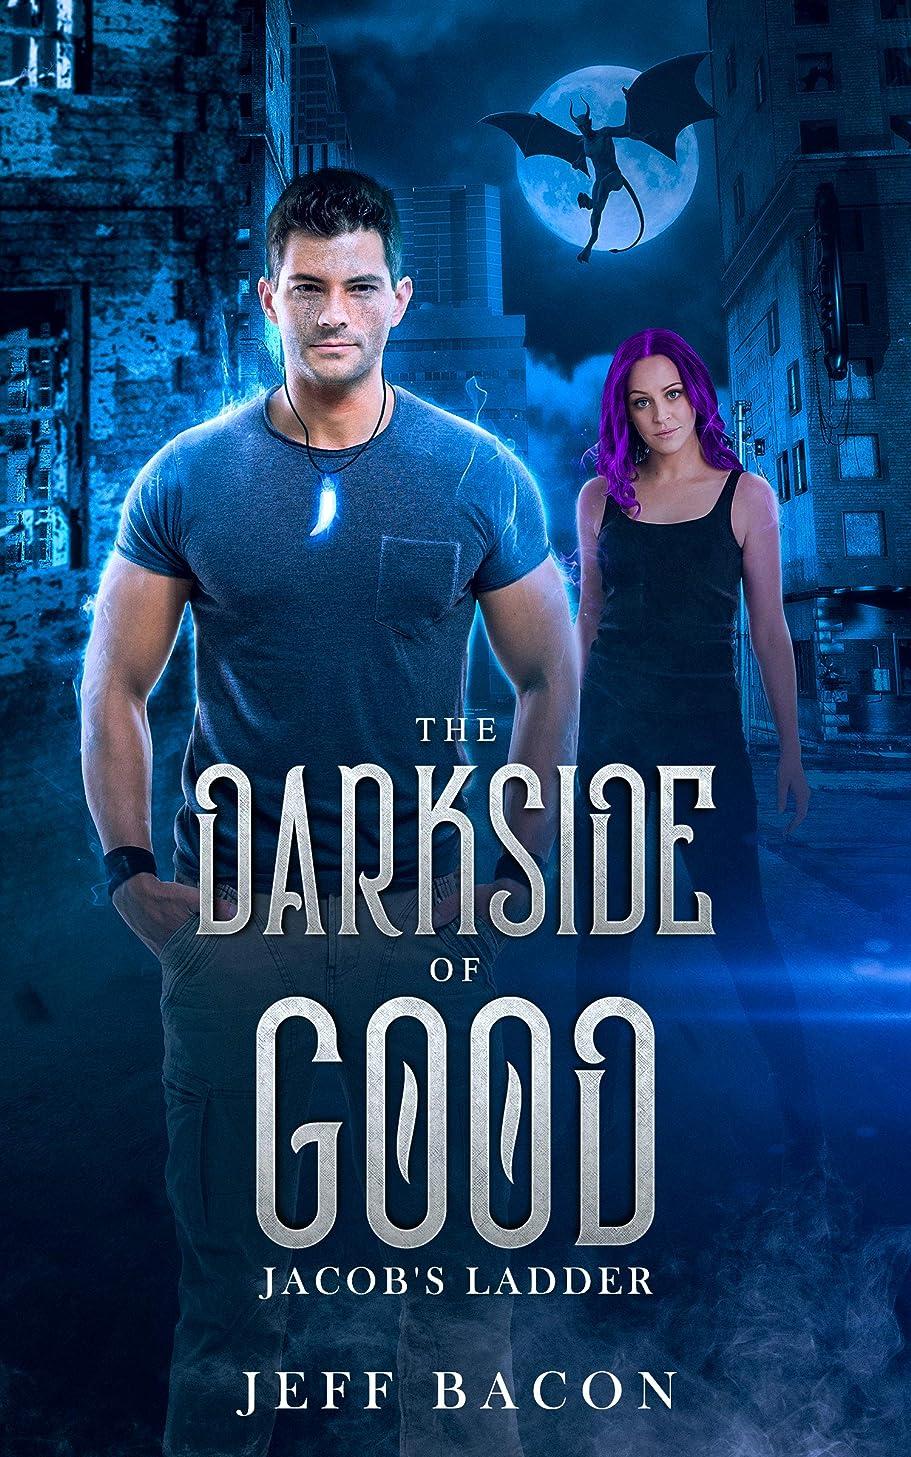 状況人道的弱めるThe Darkside of Good: Jacob's Ladder (The Darkside of Good Series: Book 2) (English Edition)